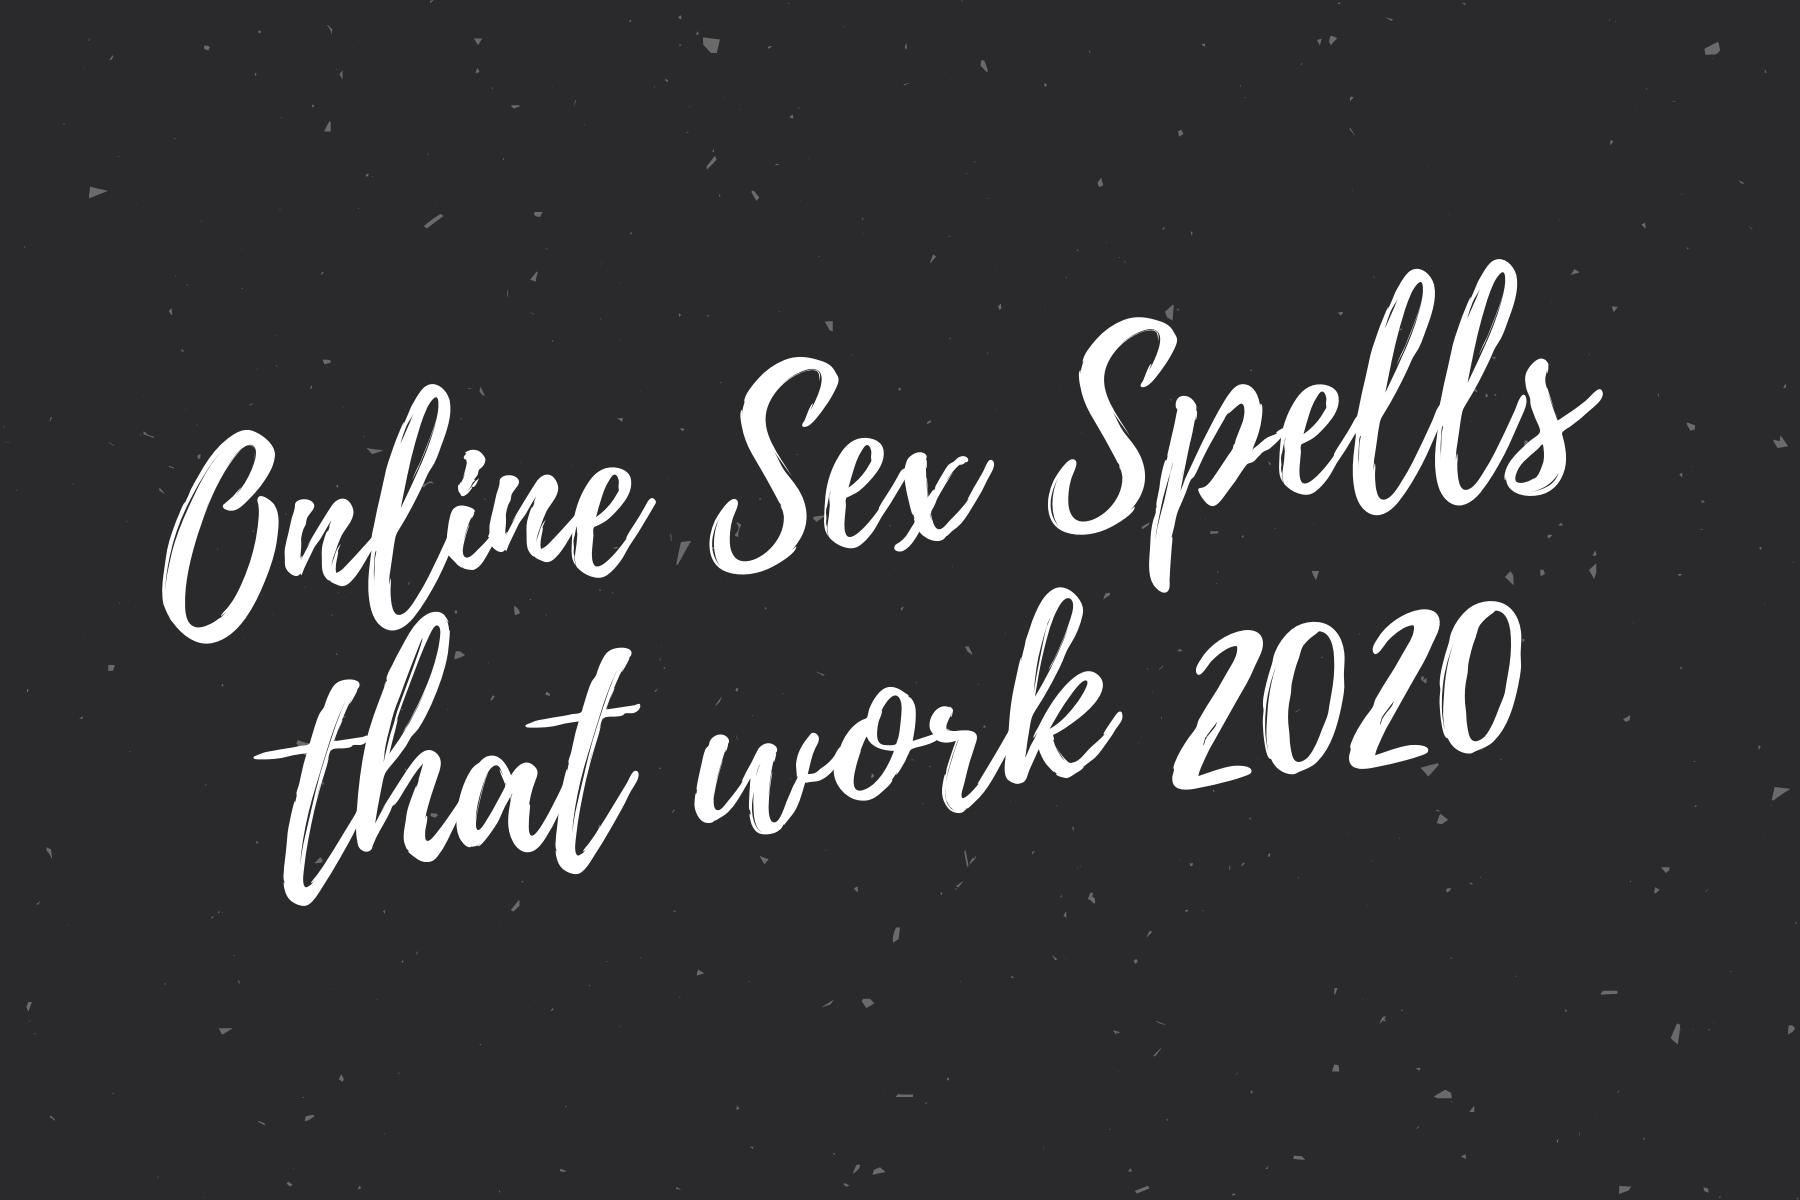 Online Sex Spells that work 2020